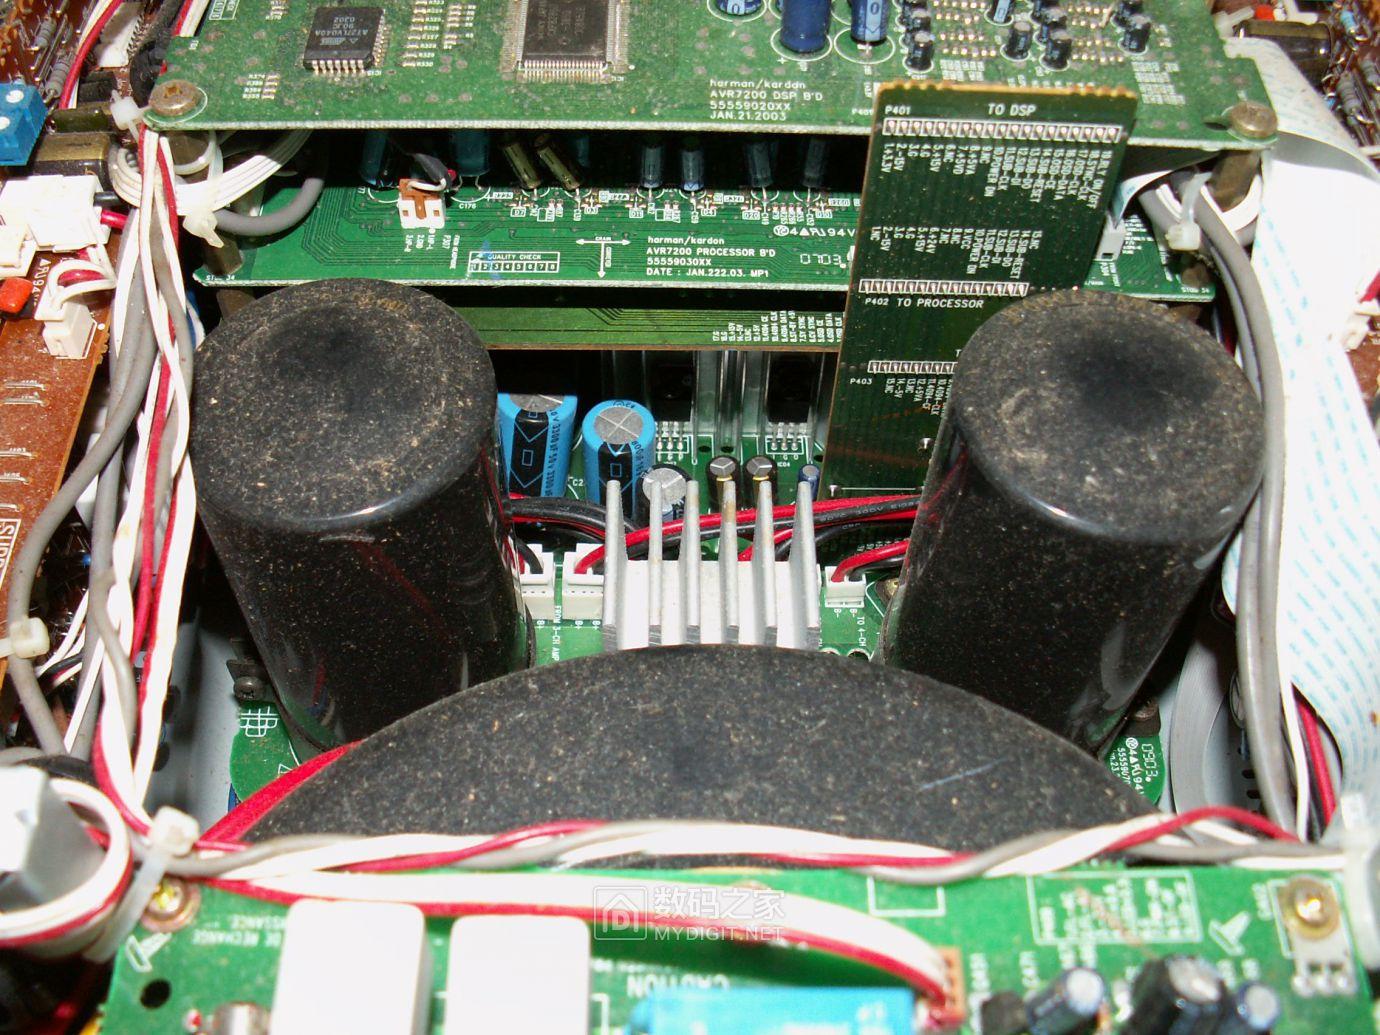 【热点】维修利利普OWON-SDS8102V示波器旋钮失灵,拆机更换全部编码器 数码拆机百科 第17张